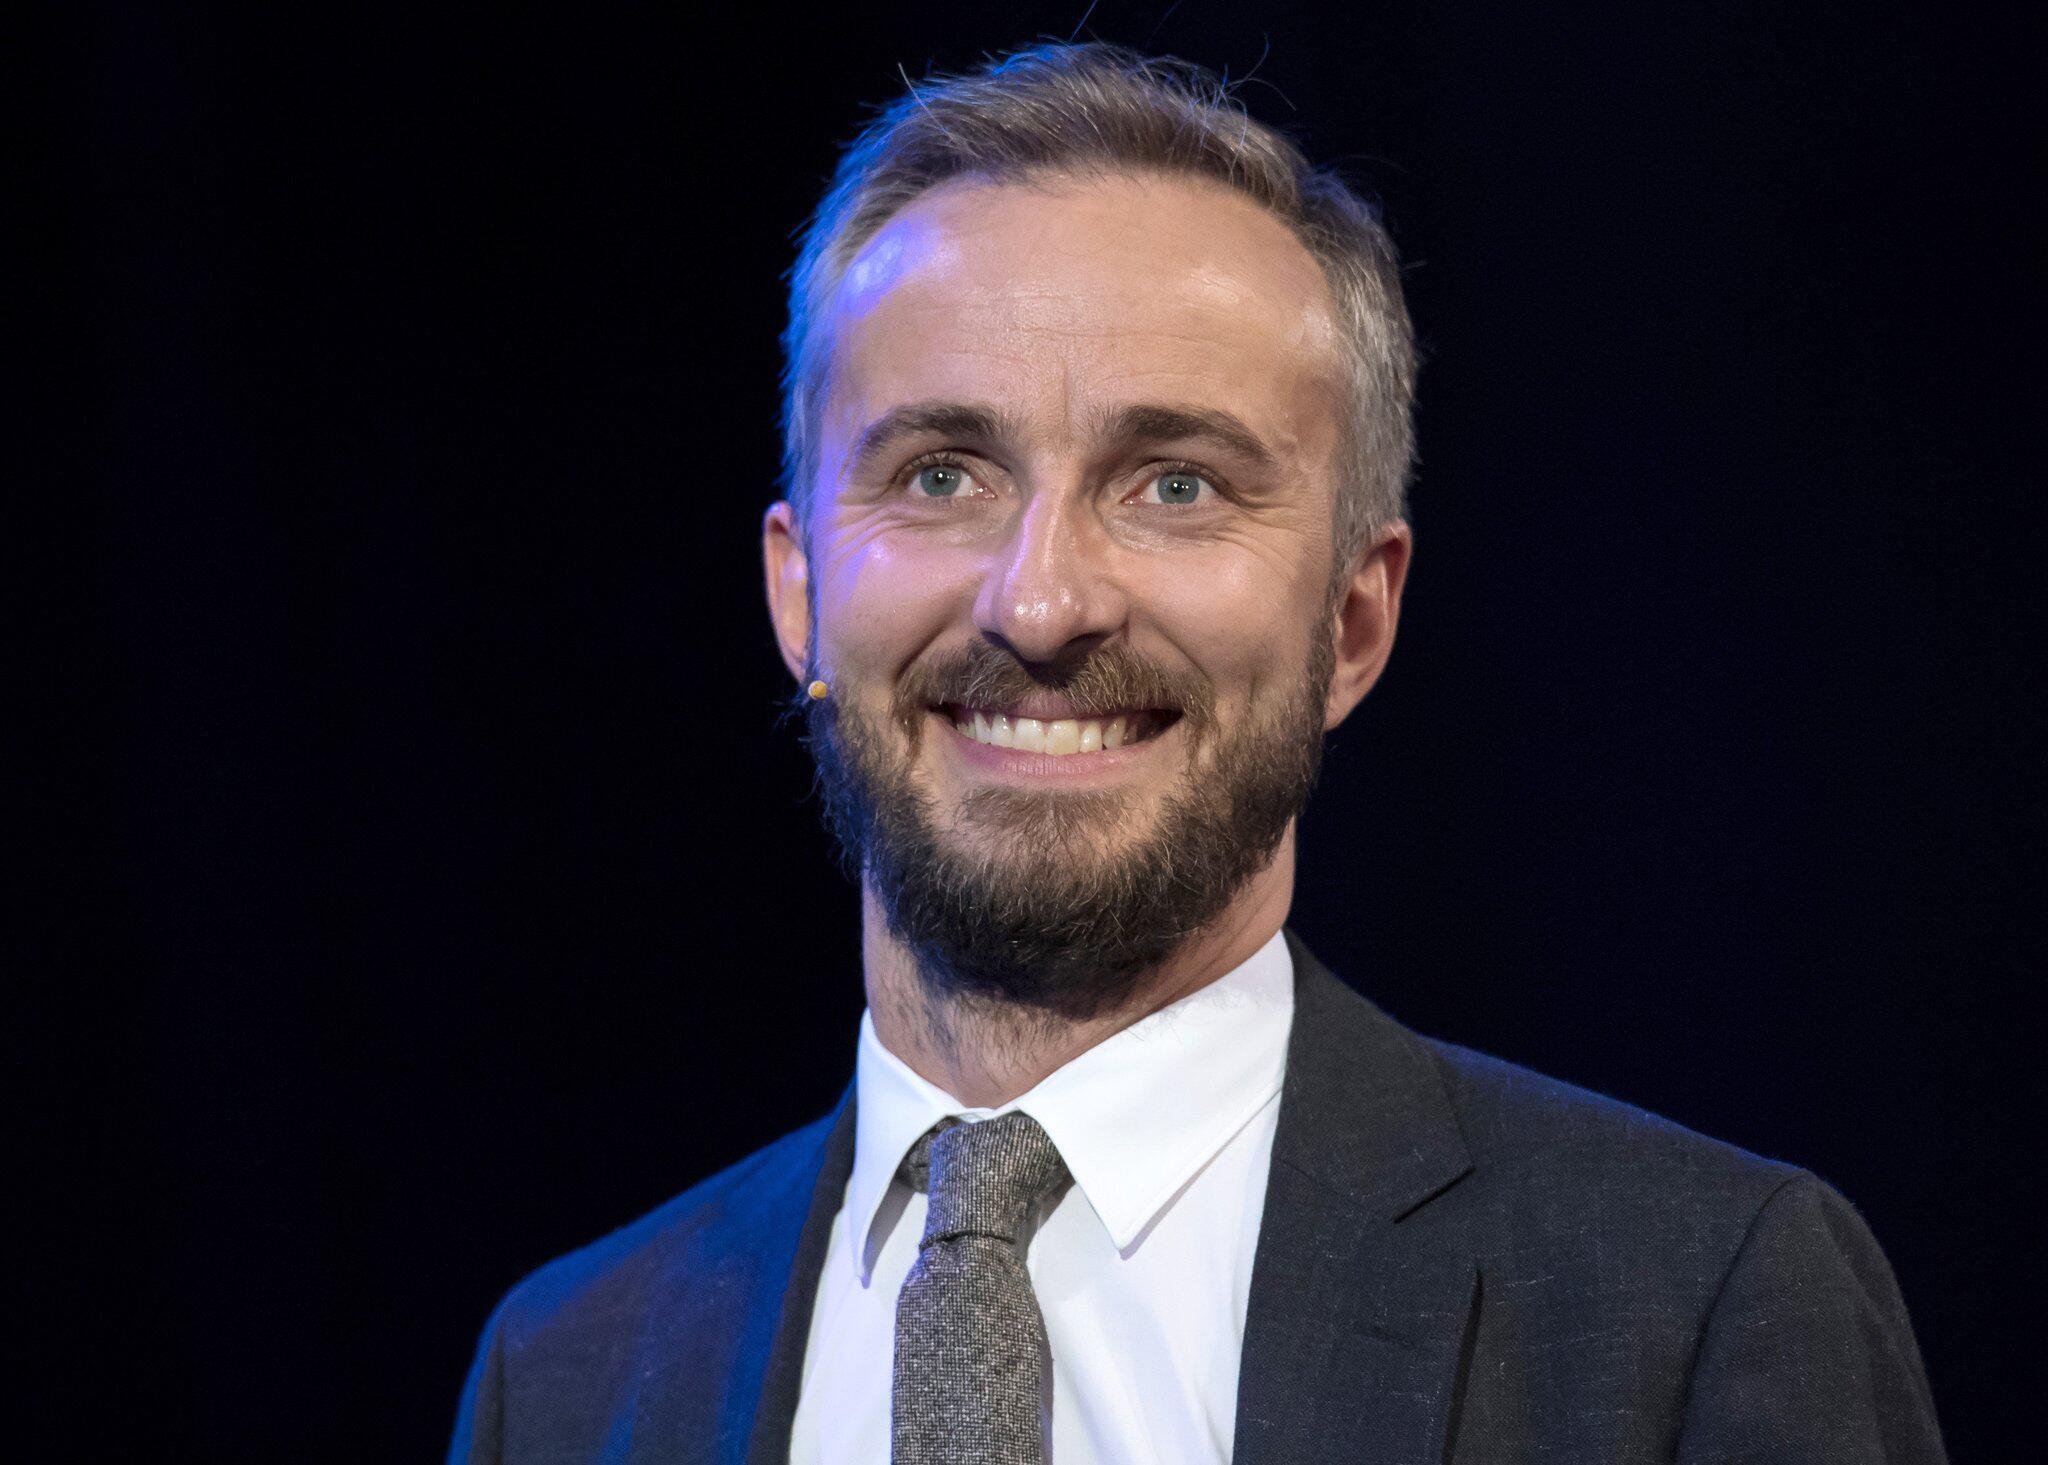 Bild zu TV-Satiriker Böhmermann ist nun SPD-Genosse